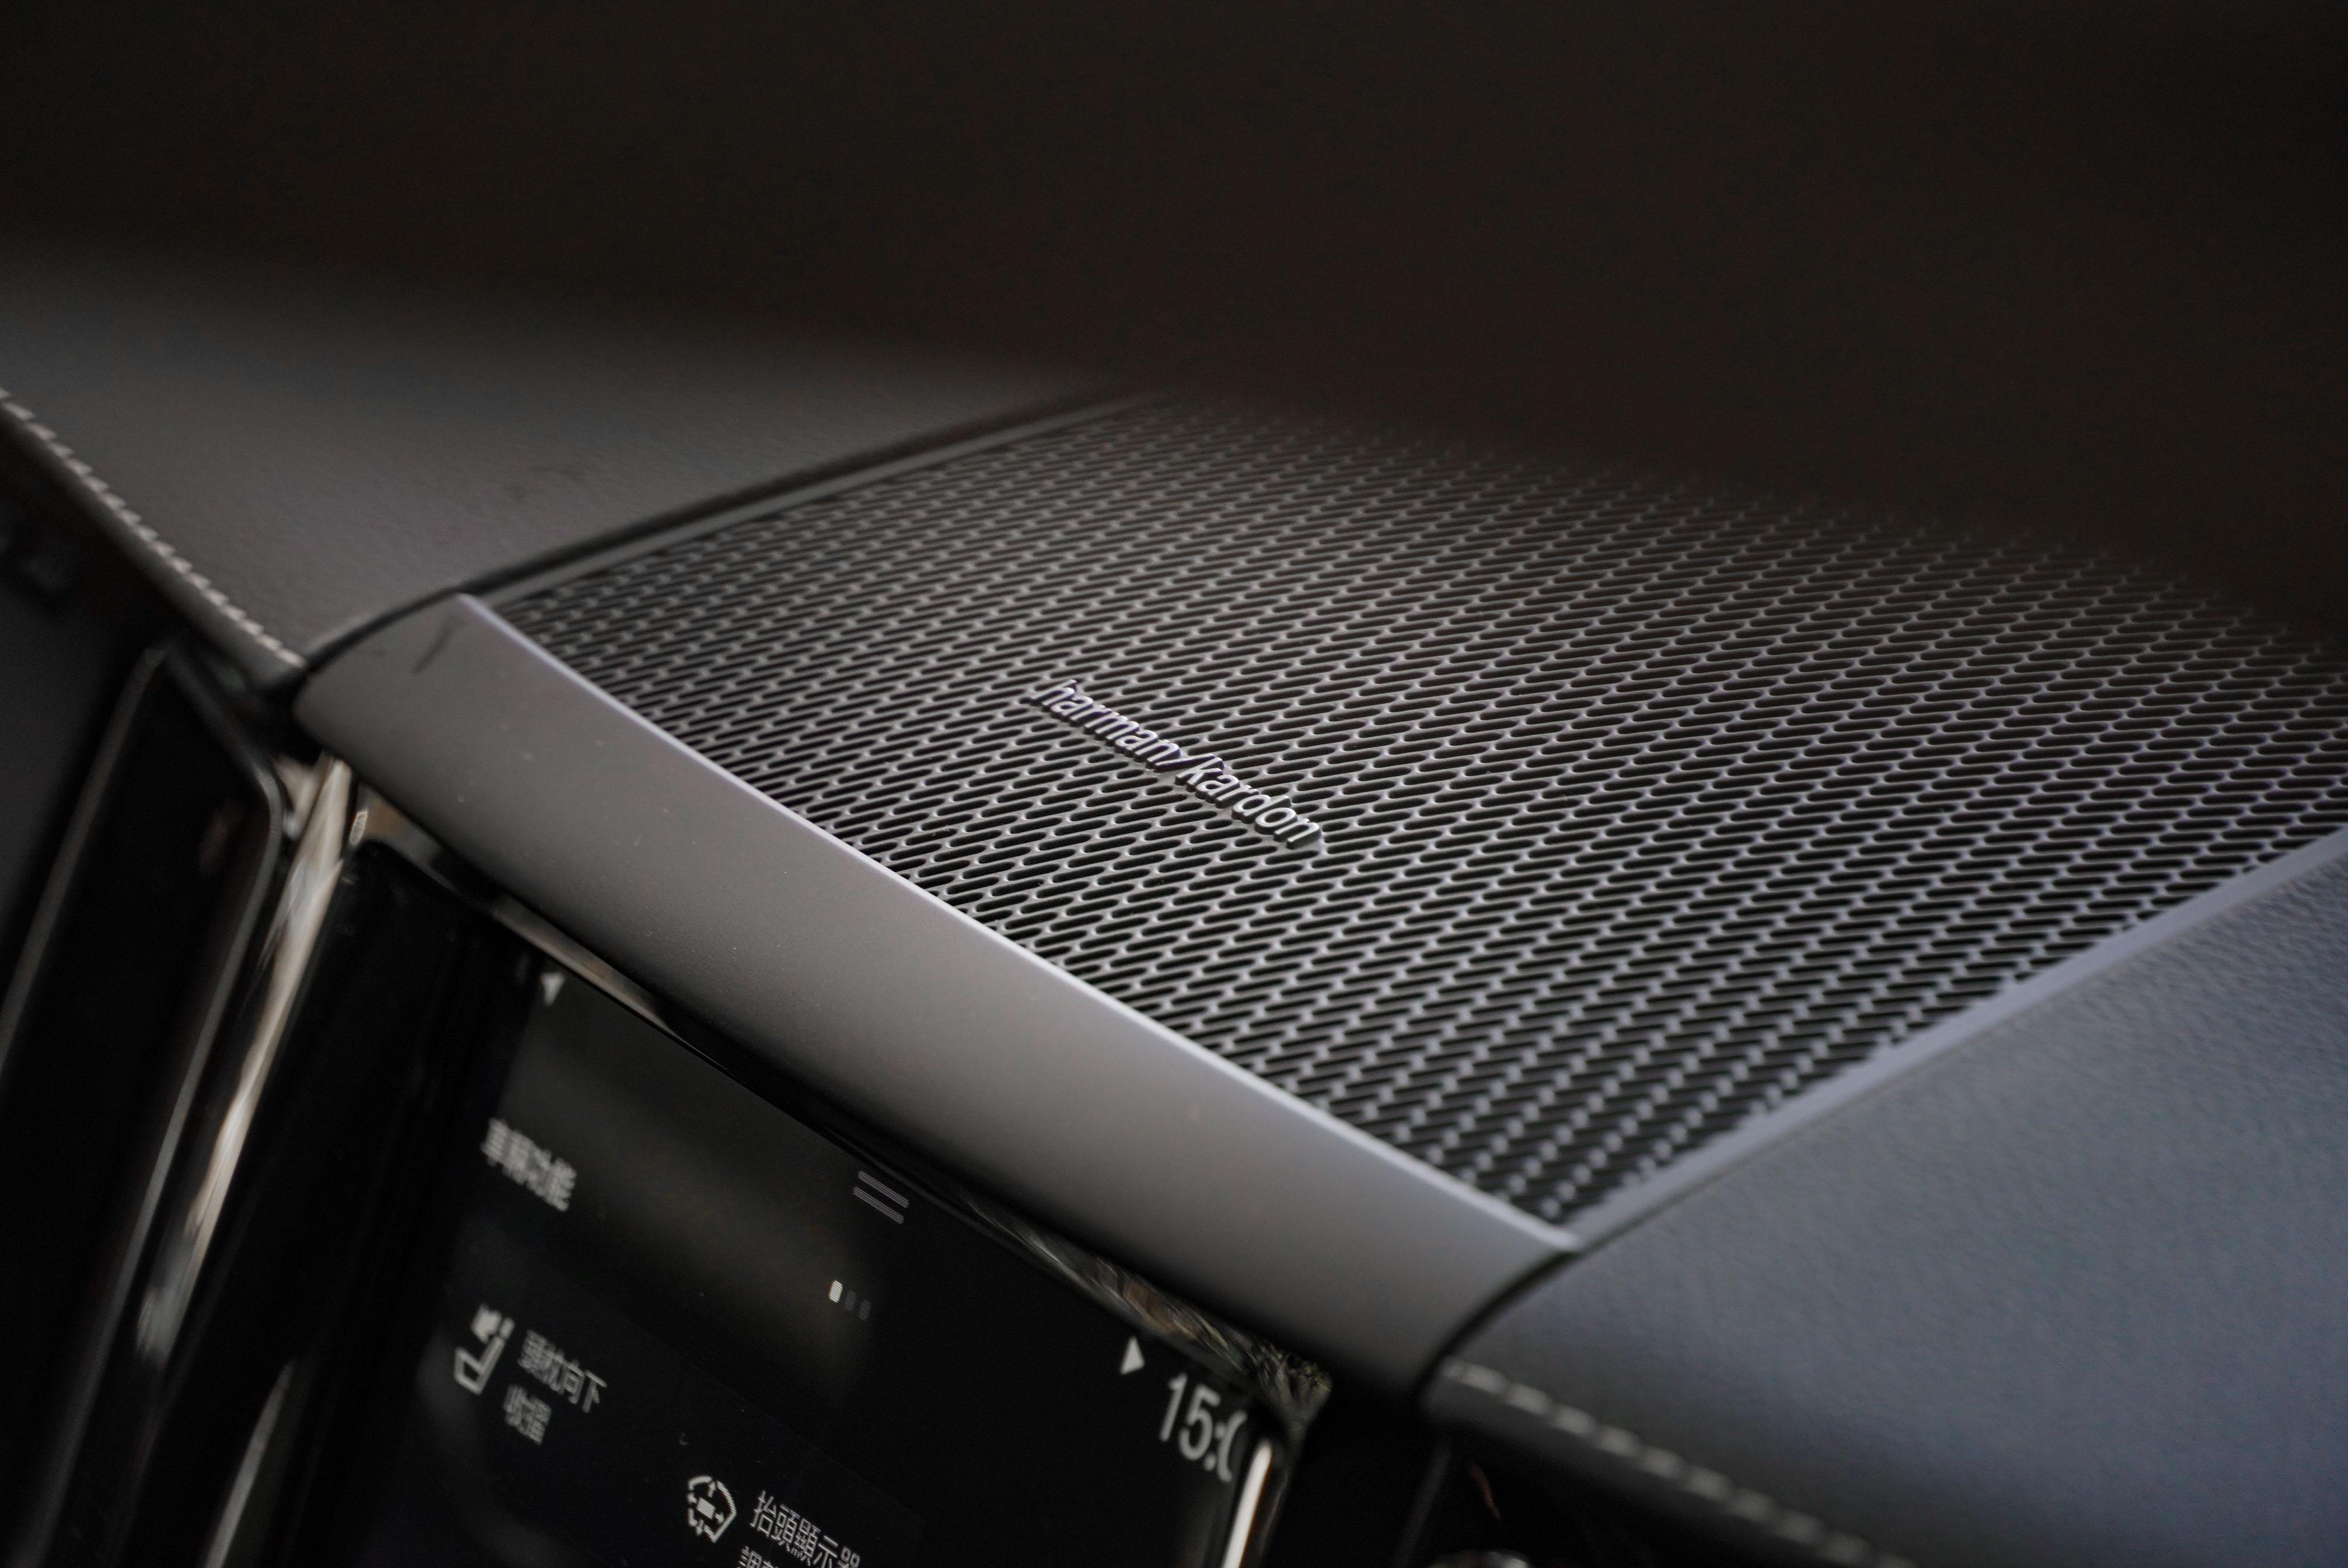 標配 14 支揚聲器的 Harman Kardon 多媒體音響系統,另可加價 80,000 元選配 Bowers & Wilkins 系統。